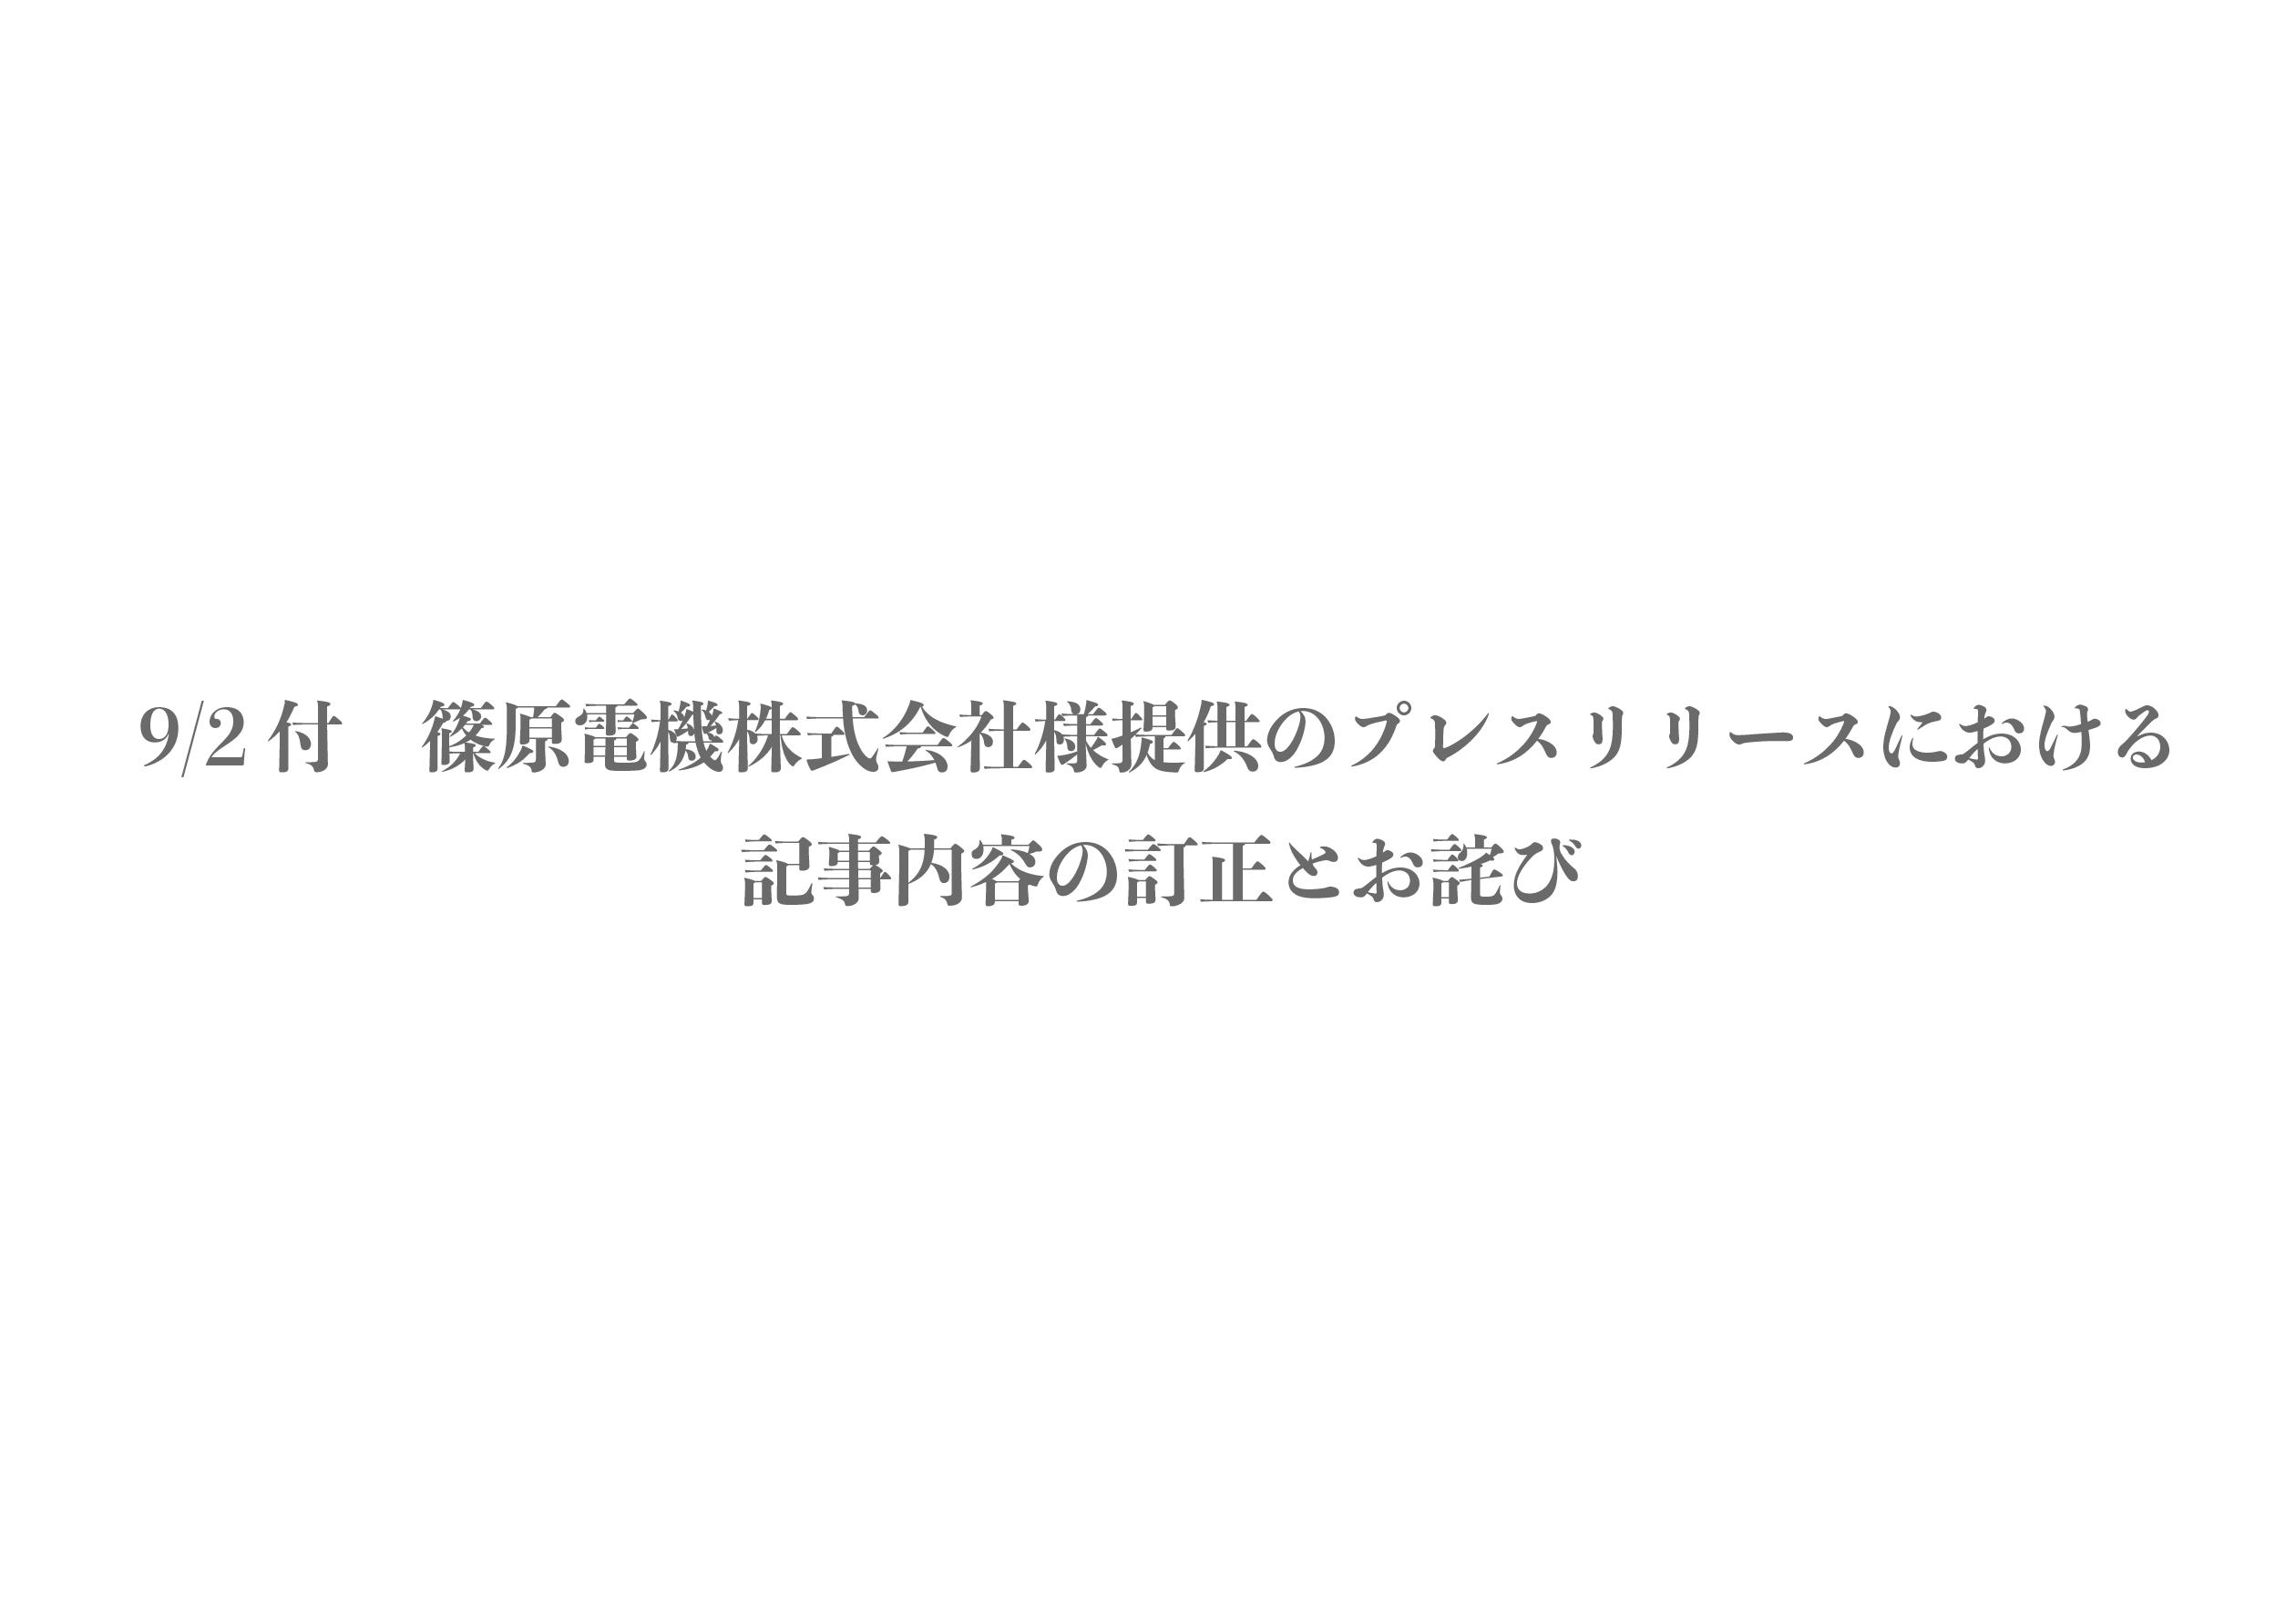 9/2付 篠原電機株式会社様提供のプレスリリースにおける 記事内容の訂正とお詫びの画像